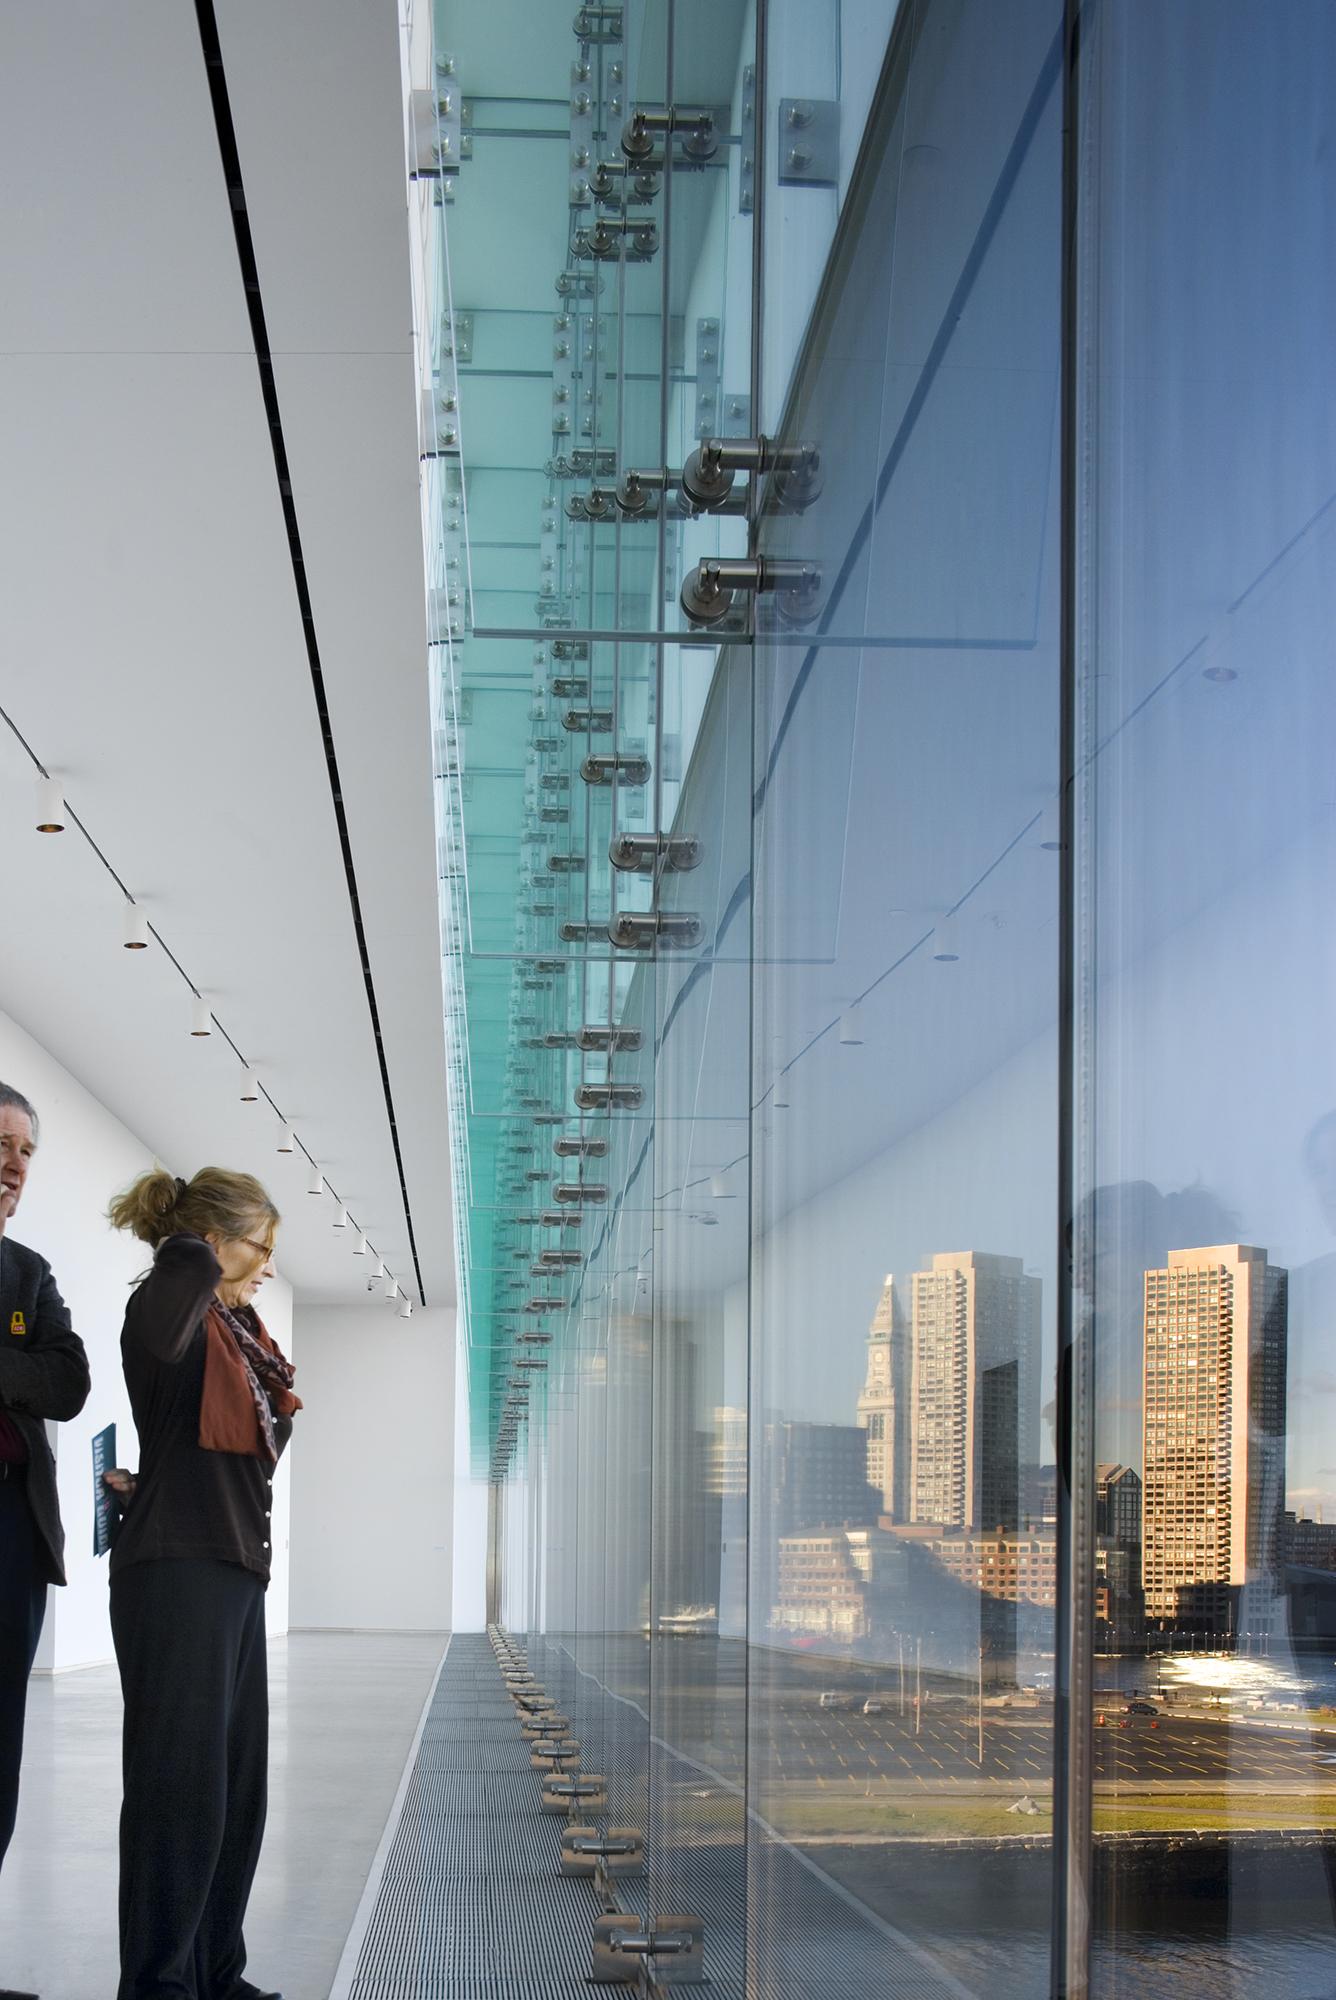 diller scofidio + renfro | institute of contemporary art | boston usa